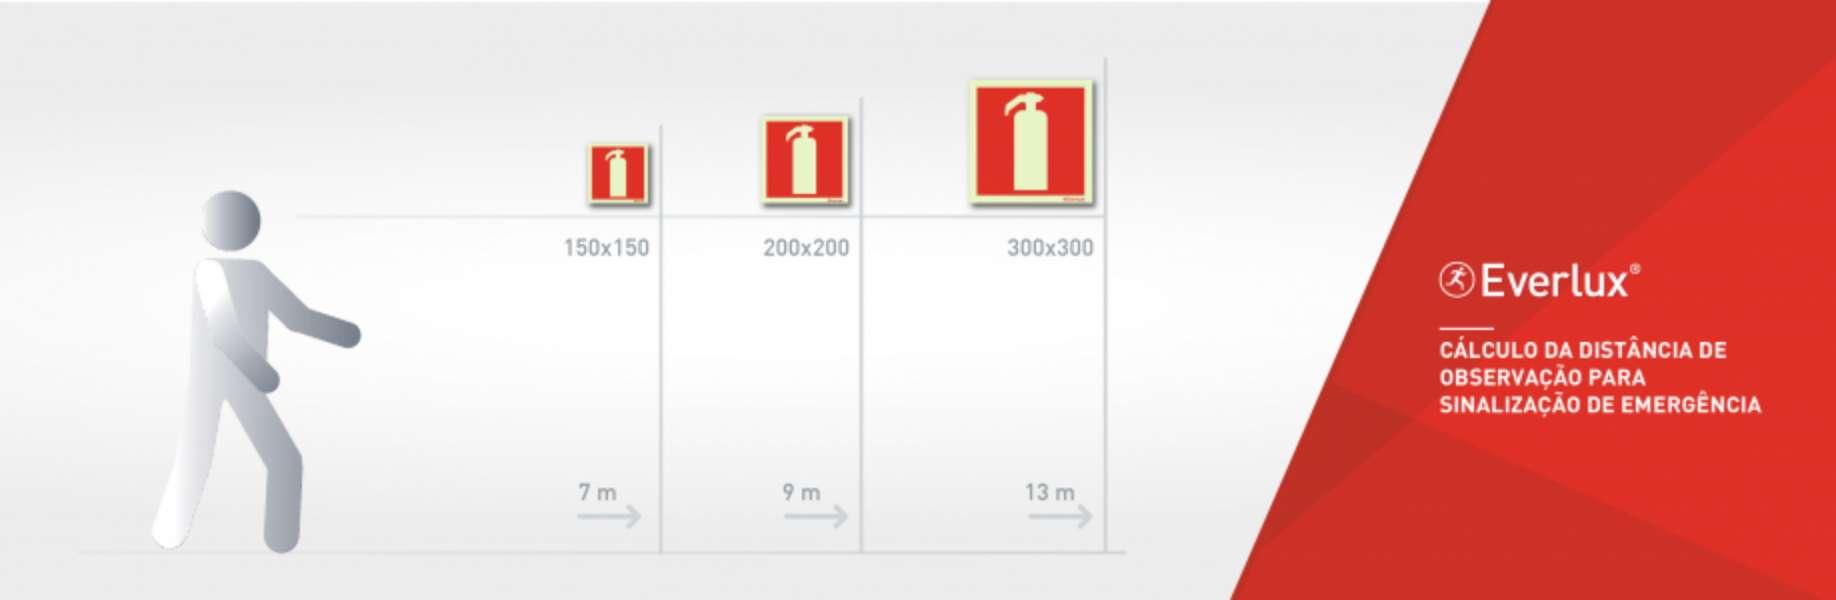 Cálculo da distância de observação para sinalização de emergência